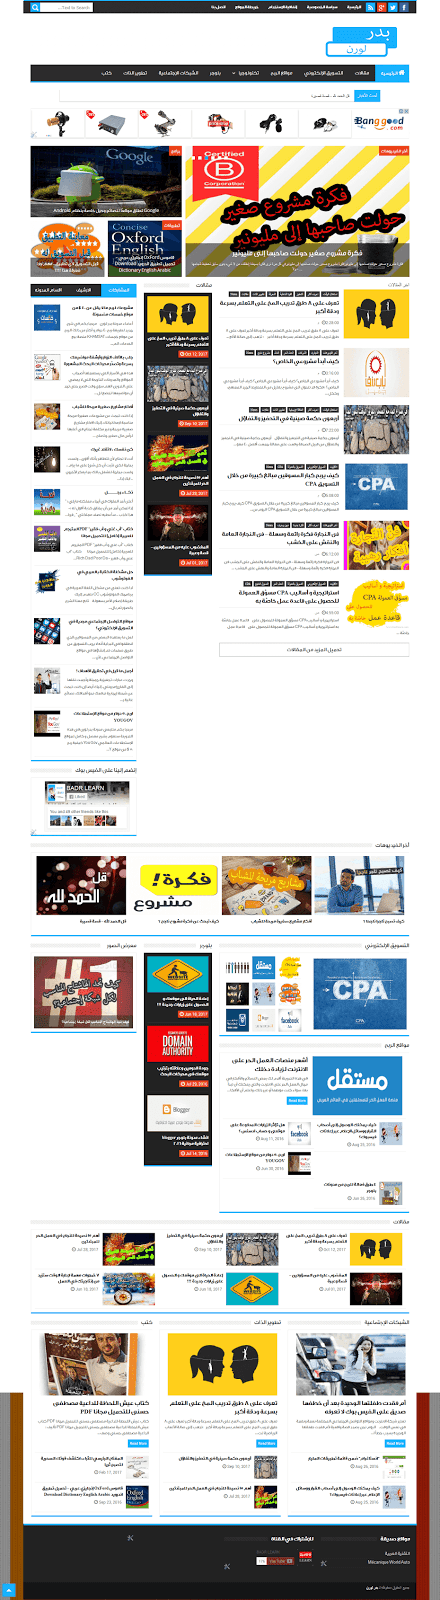 قالب مدونة بدر لورن الجديد و حصريا على التقنية العربية  templite badr learn blogger pro